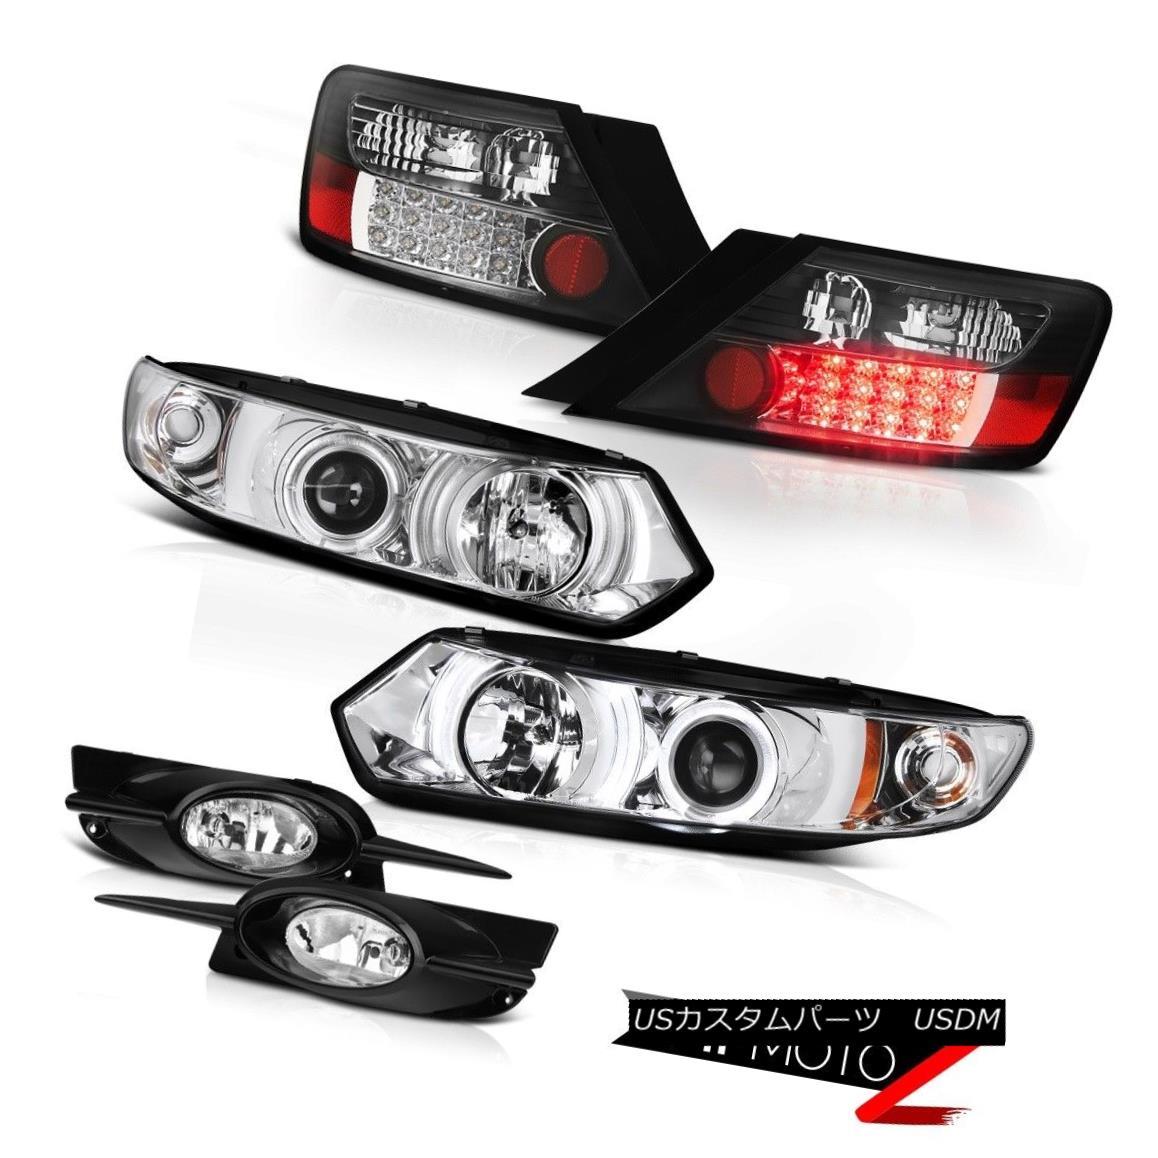 テールライト 09-11 Honda Civic 2D DX Euro Halo LED Headlights BLACK LED Tail Light Bumper Fog 09-11ホンダシビック2D DXユーロハローLEDヘッドライトBLACK LEDテールライトバンパーフォグ